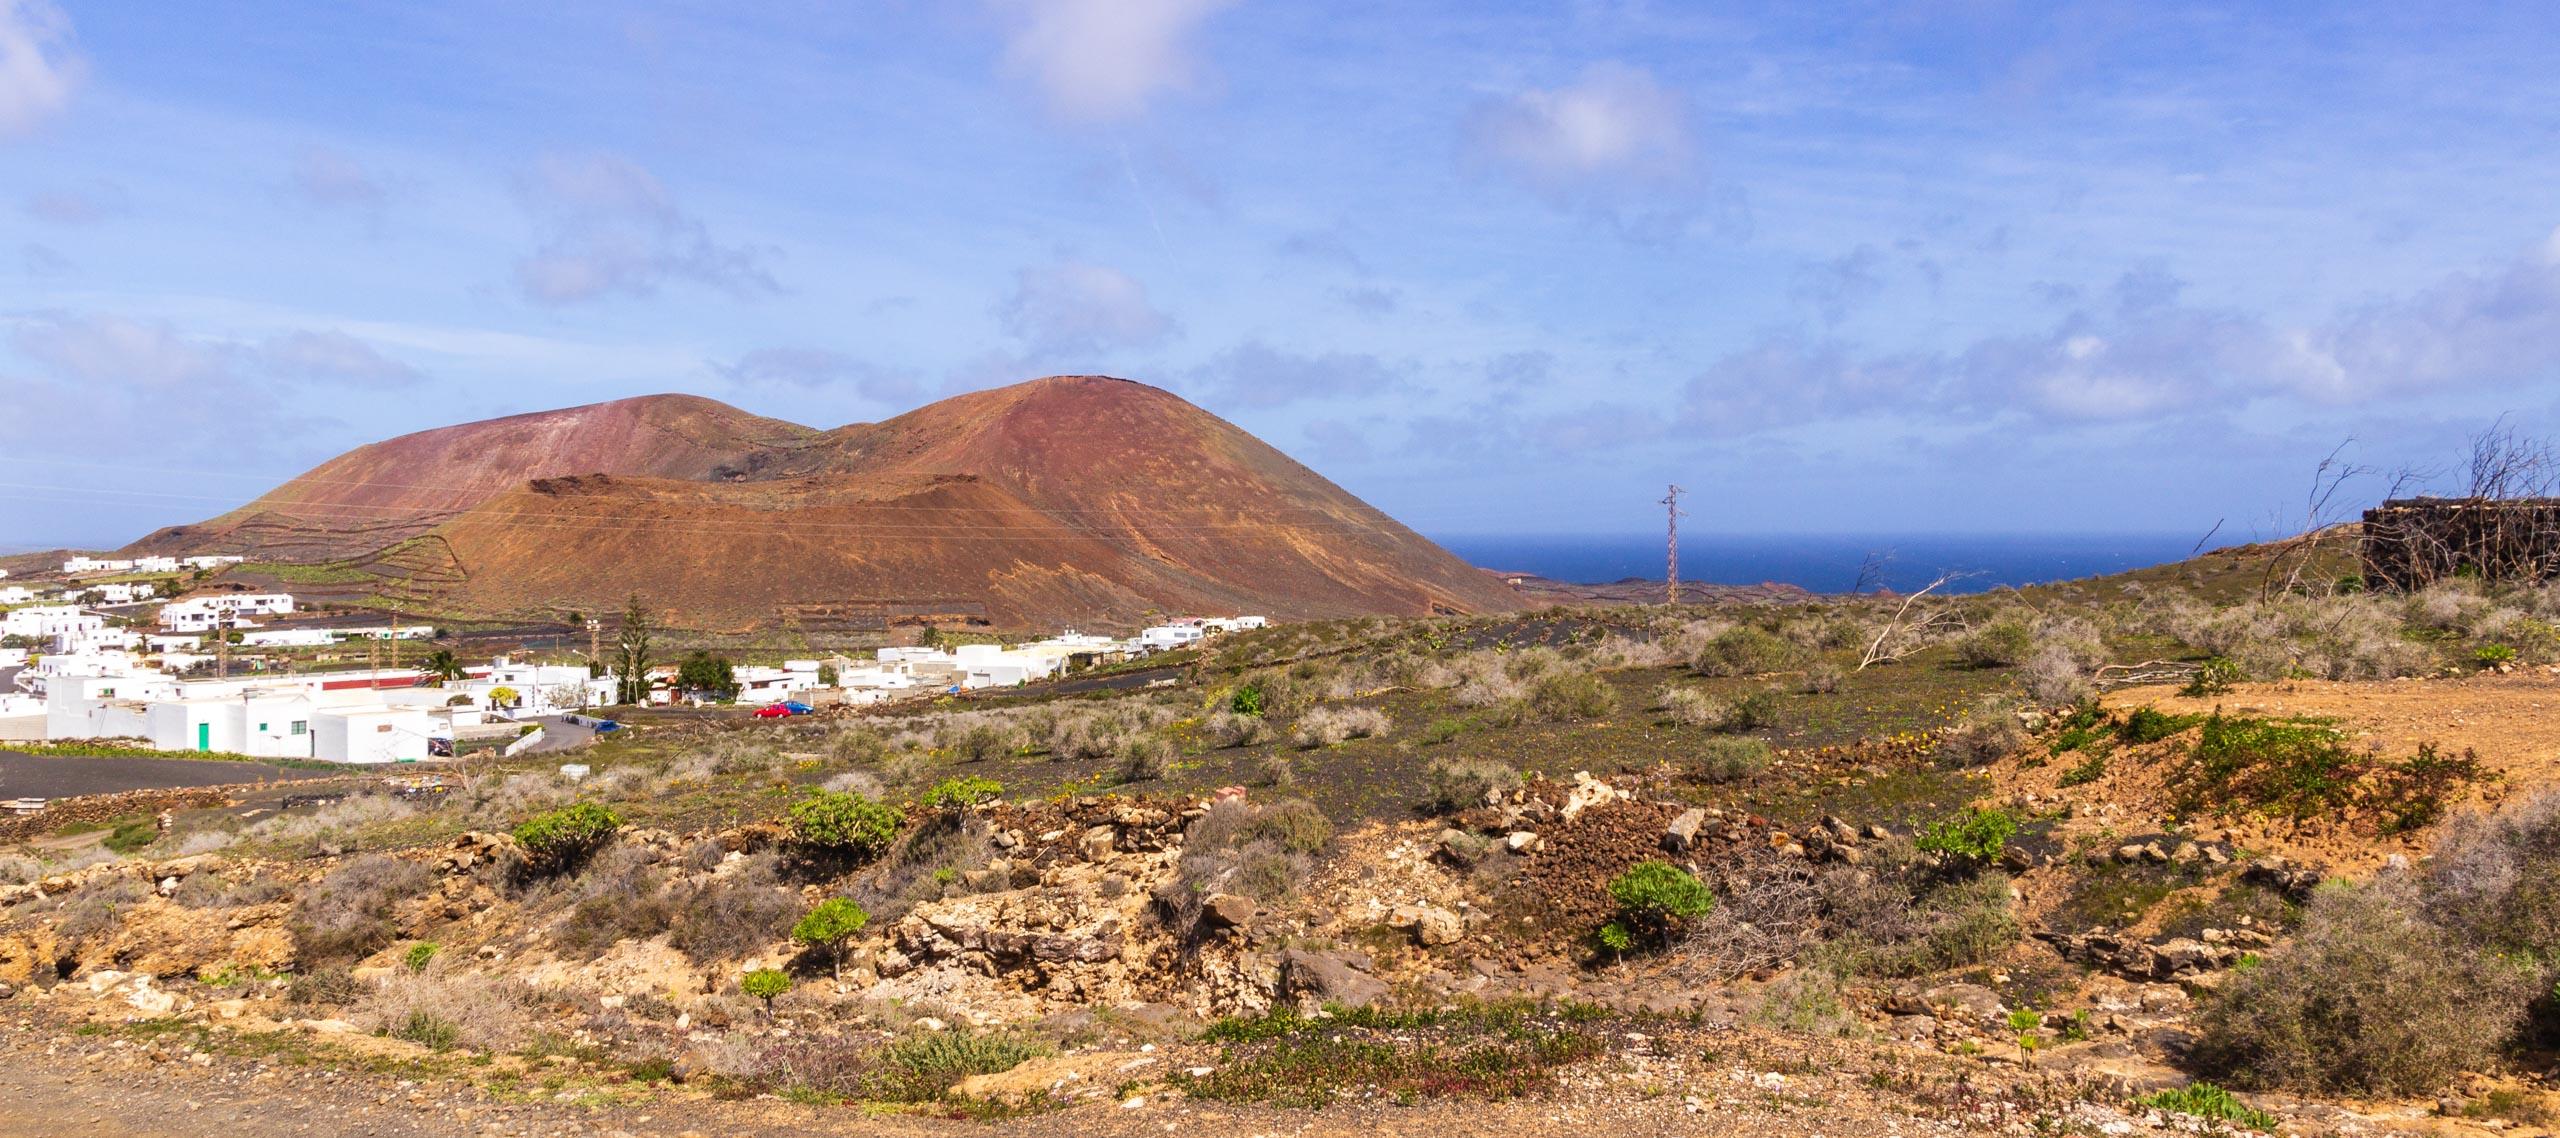 2014 02 Lanzarote Guatiza 014